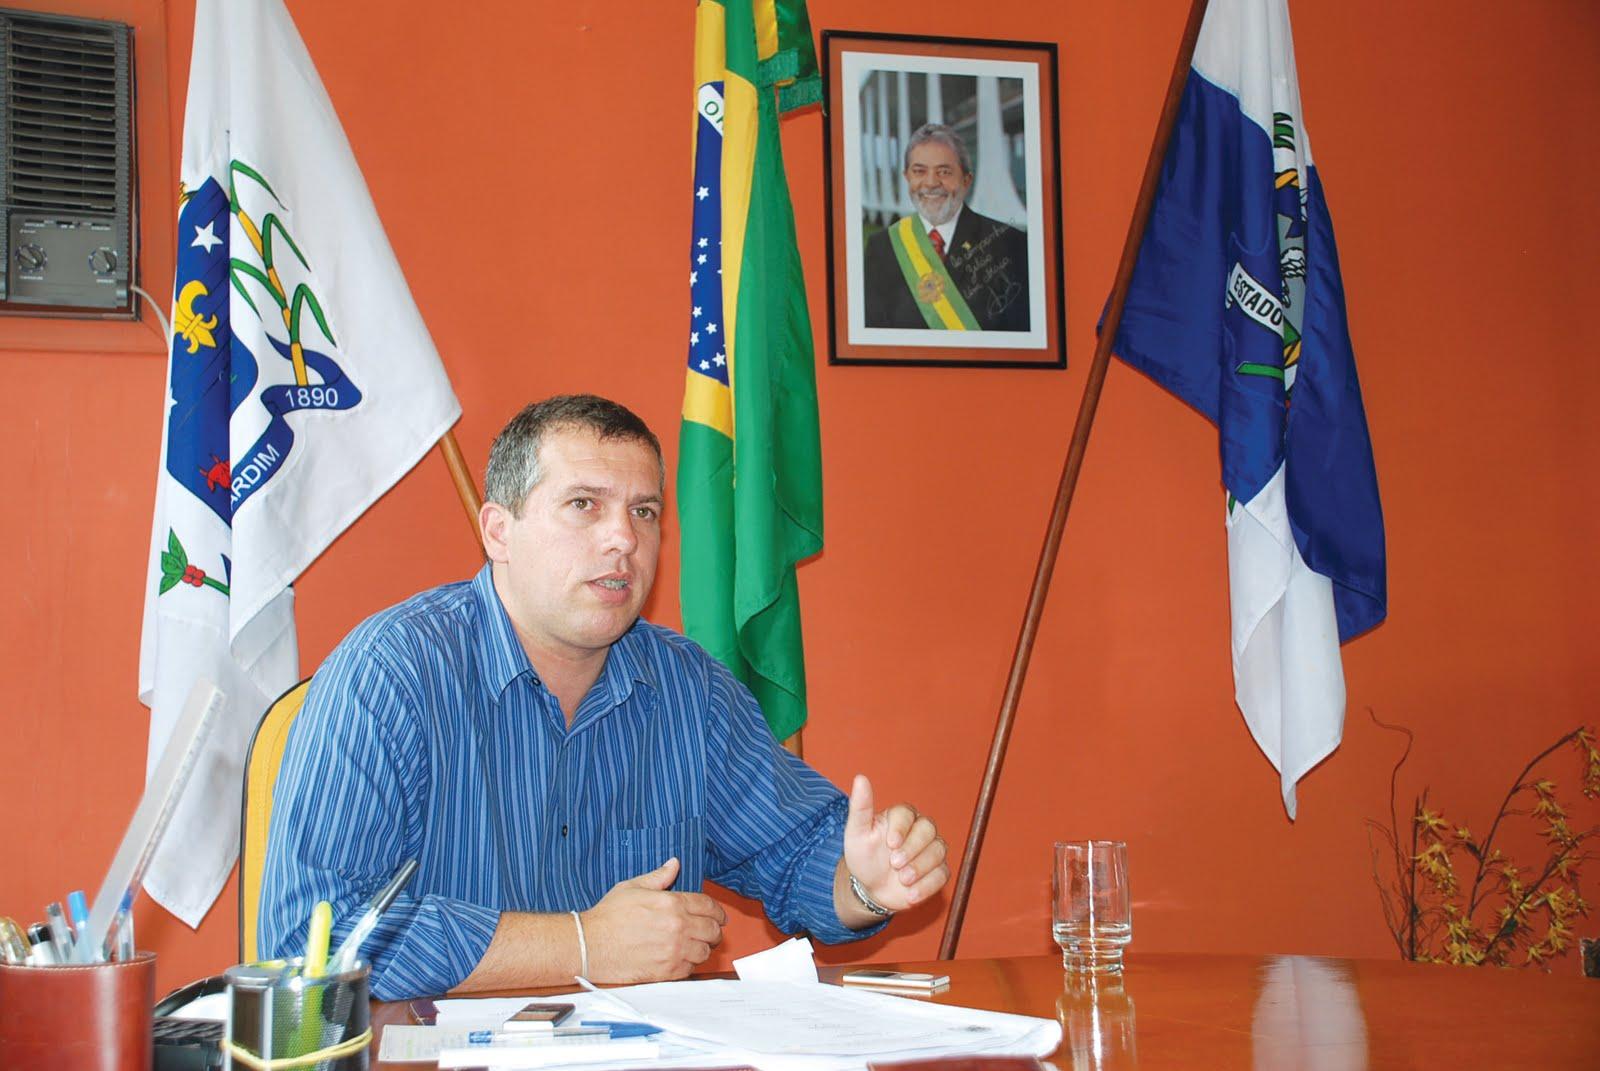 festa em silva jardim: Zelão faz balanço do governo e anuncia mais obras em Silva Jardim